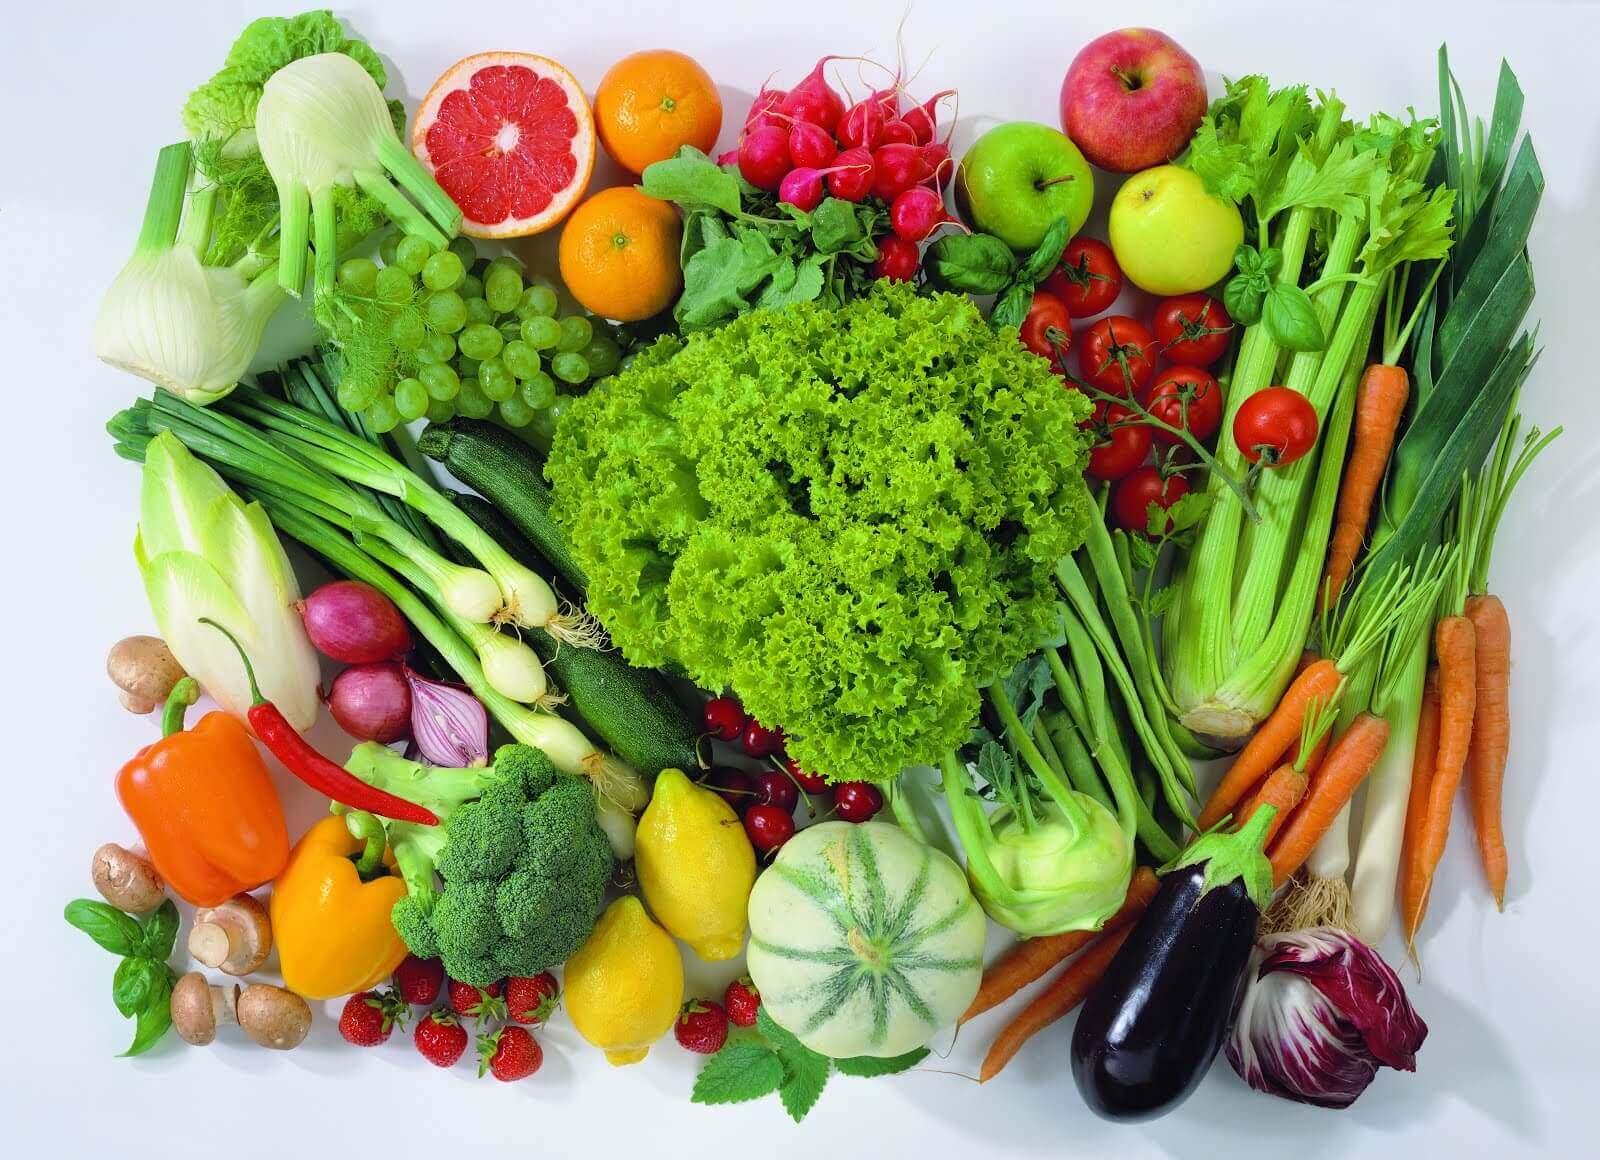 Welke voedingsmiddelen bevat het beste dieet voor diabeten?